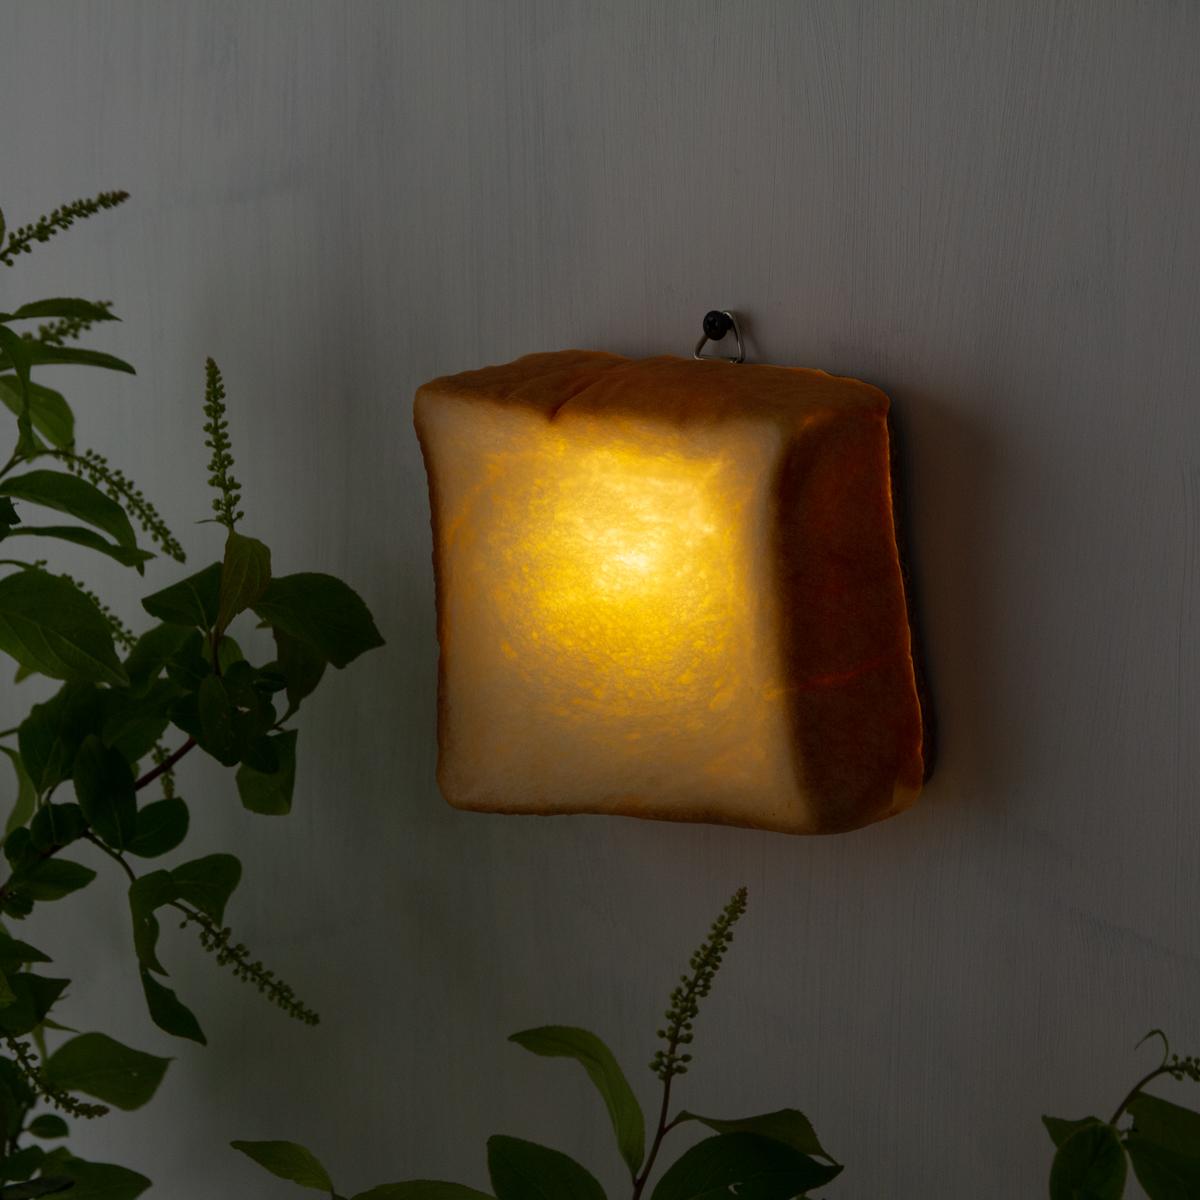 置くだけで簡単に明かりをオンオフできる。本物のパンそのものを使った「インテリアライト・ランプ・間接照明」|モリタ製パン所「パンプシェード」